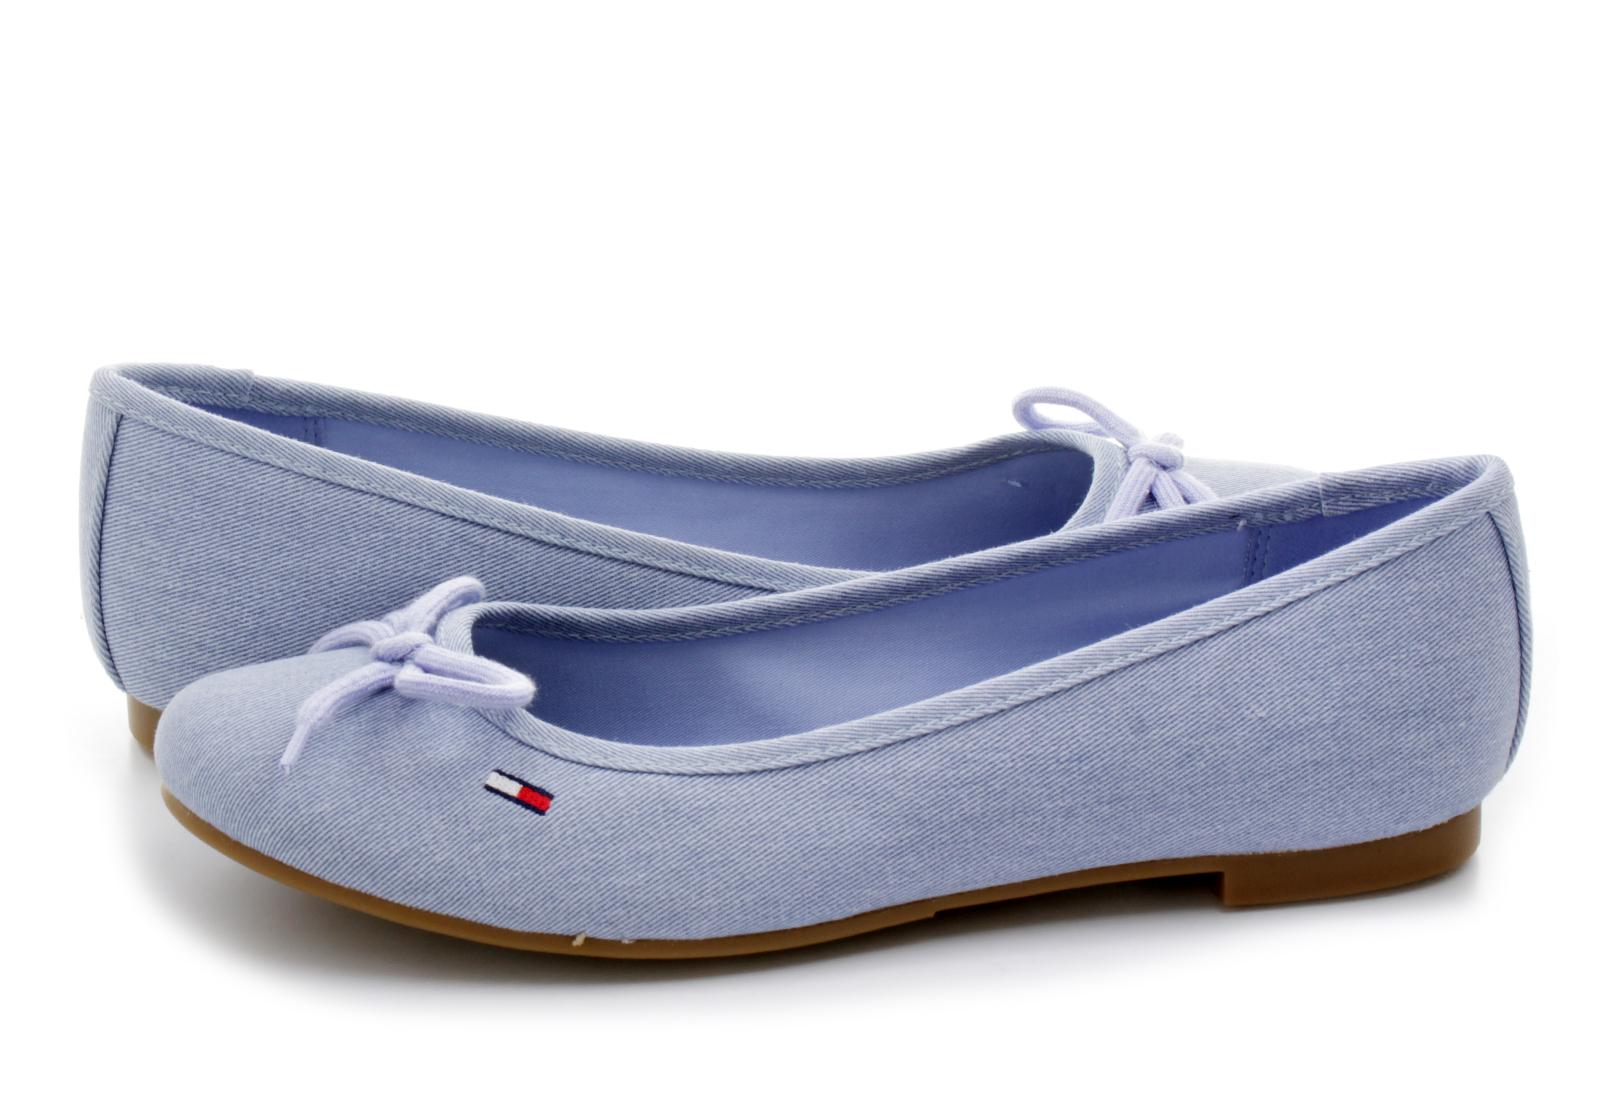 47d1ec754c Tommy Hilfiger Balerina - Allen 15d2 - 17S-0418-022 - Office Shoes ...